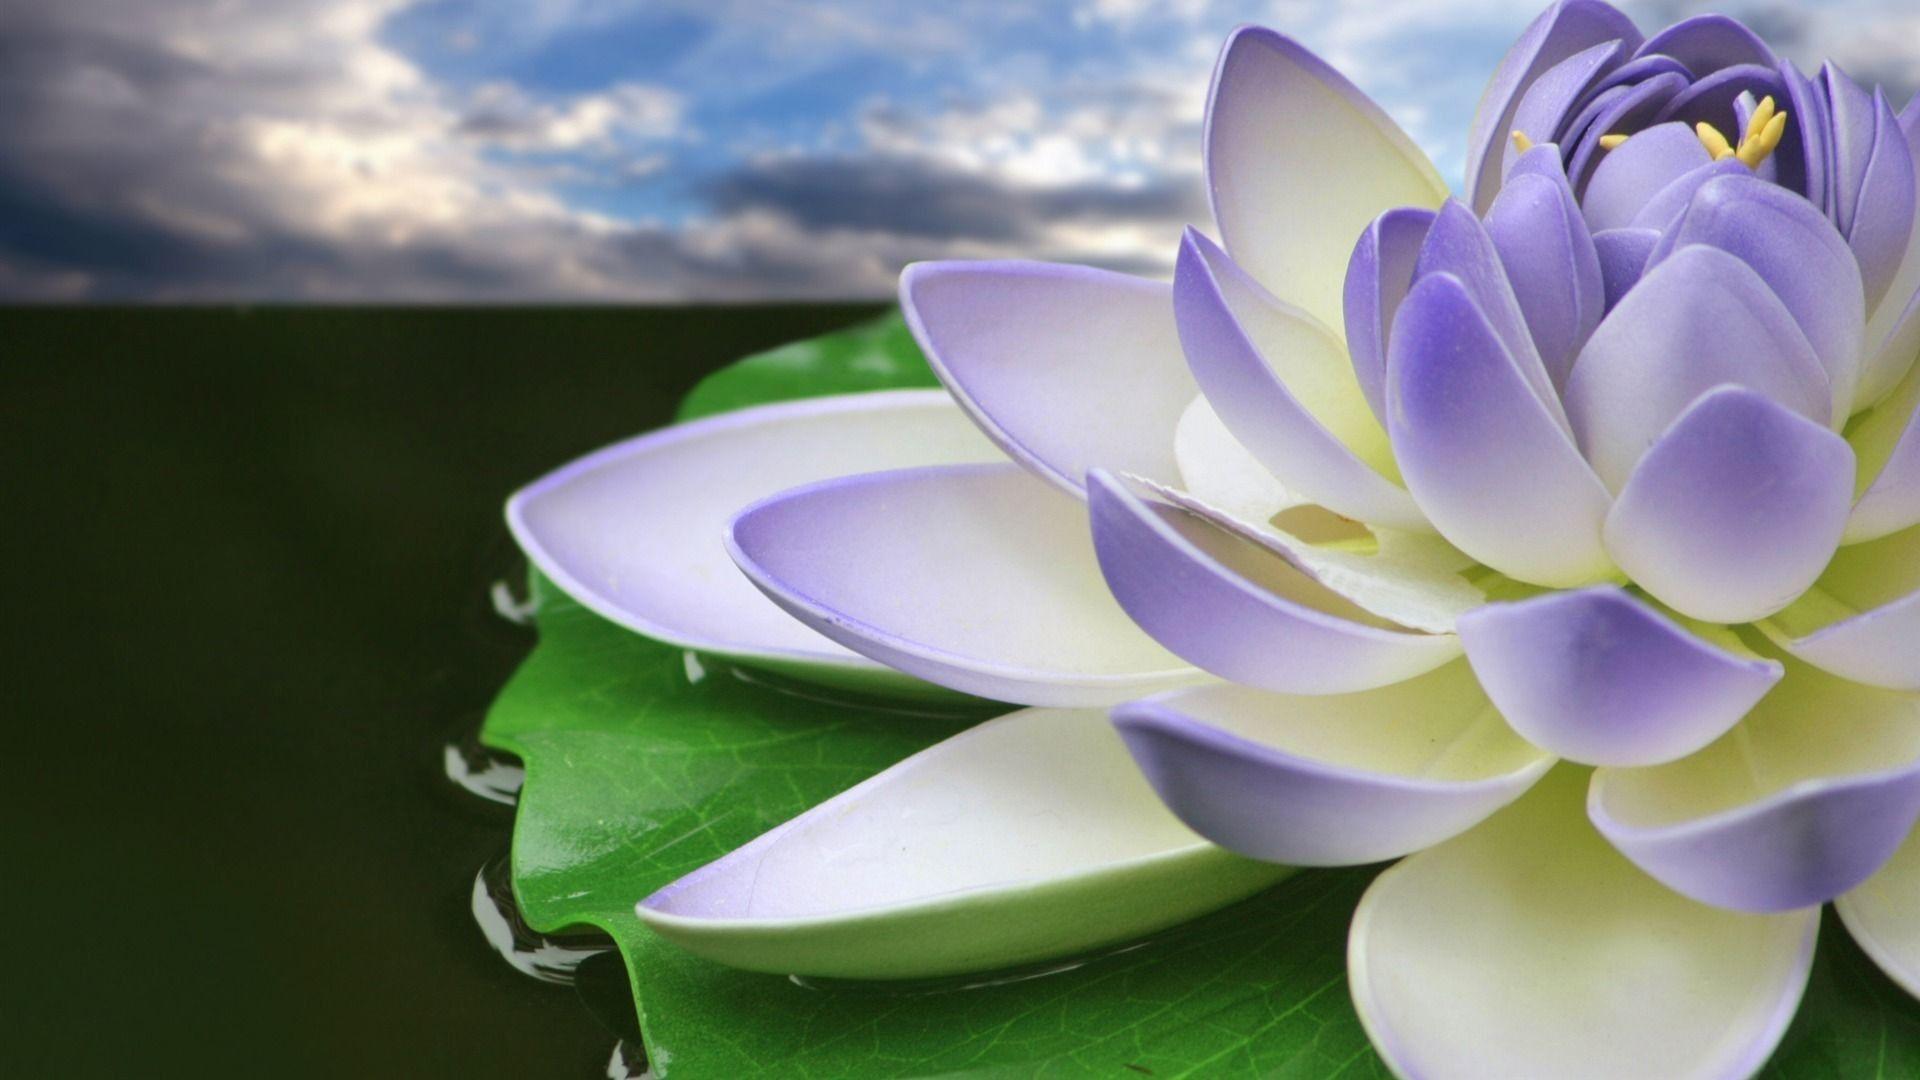 76 Lotus Flower Wallpapers on WallpaperPlay in 2020